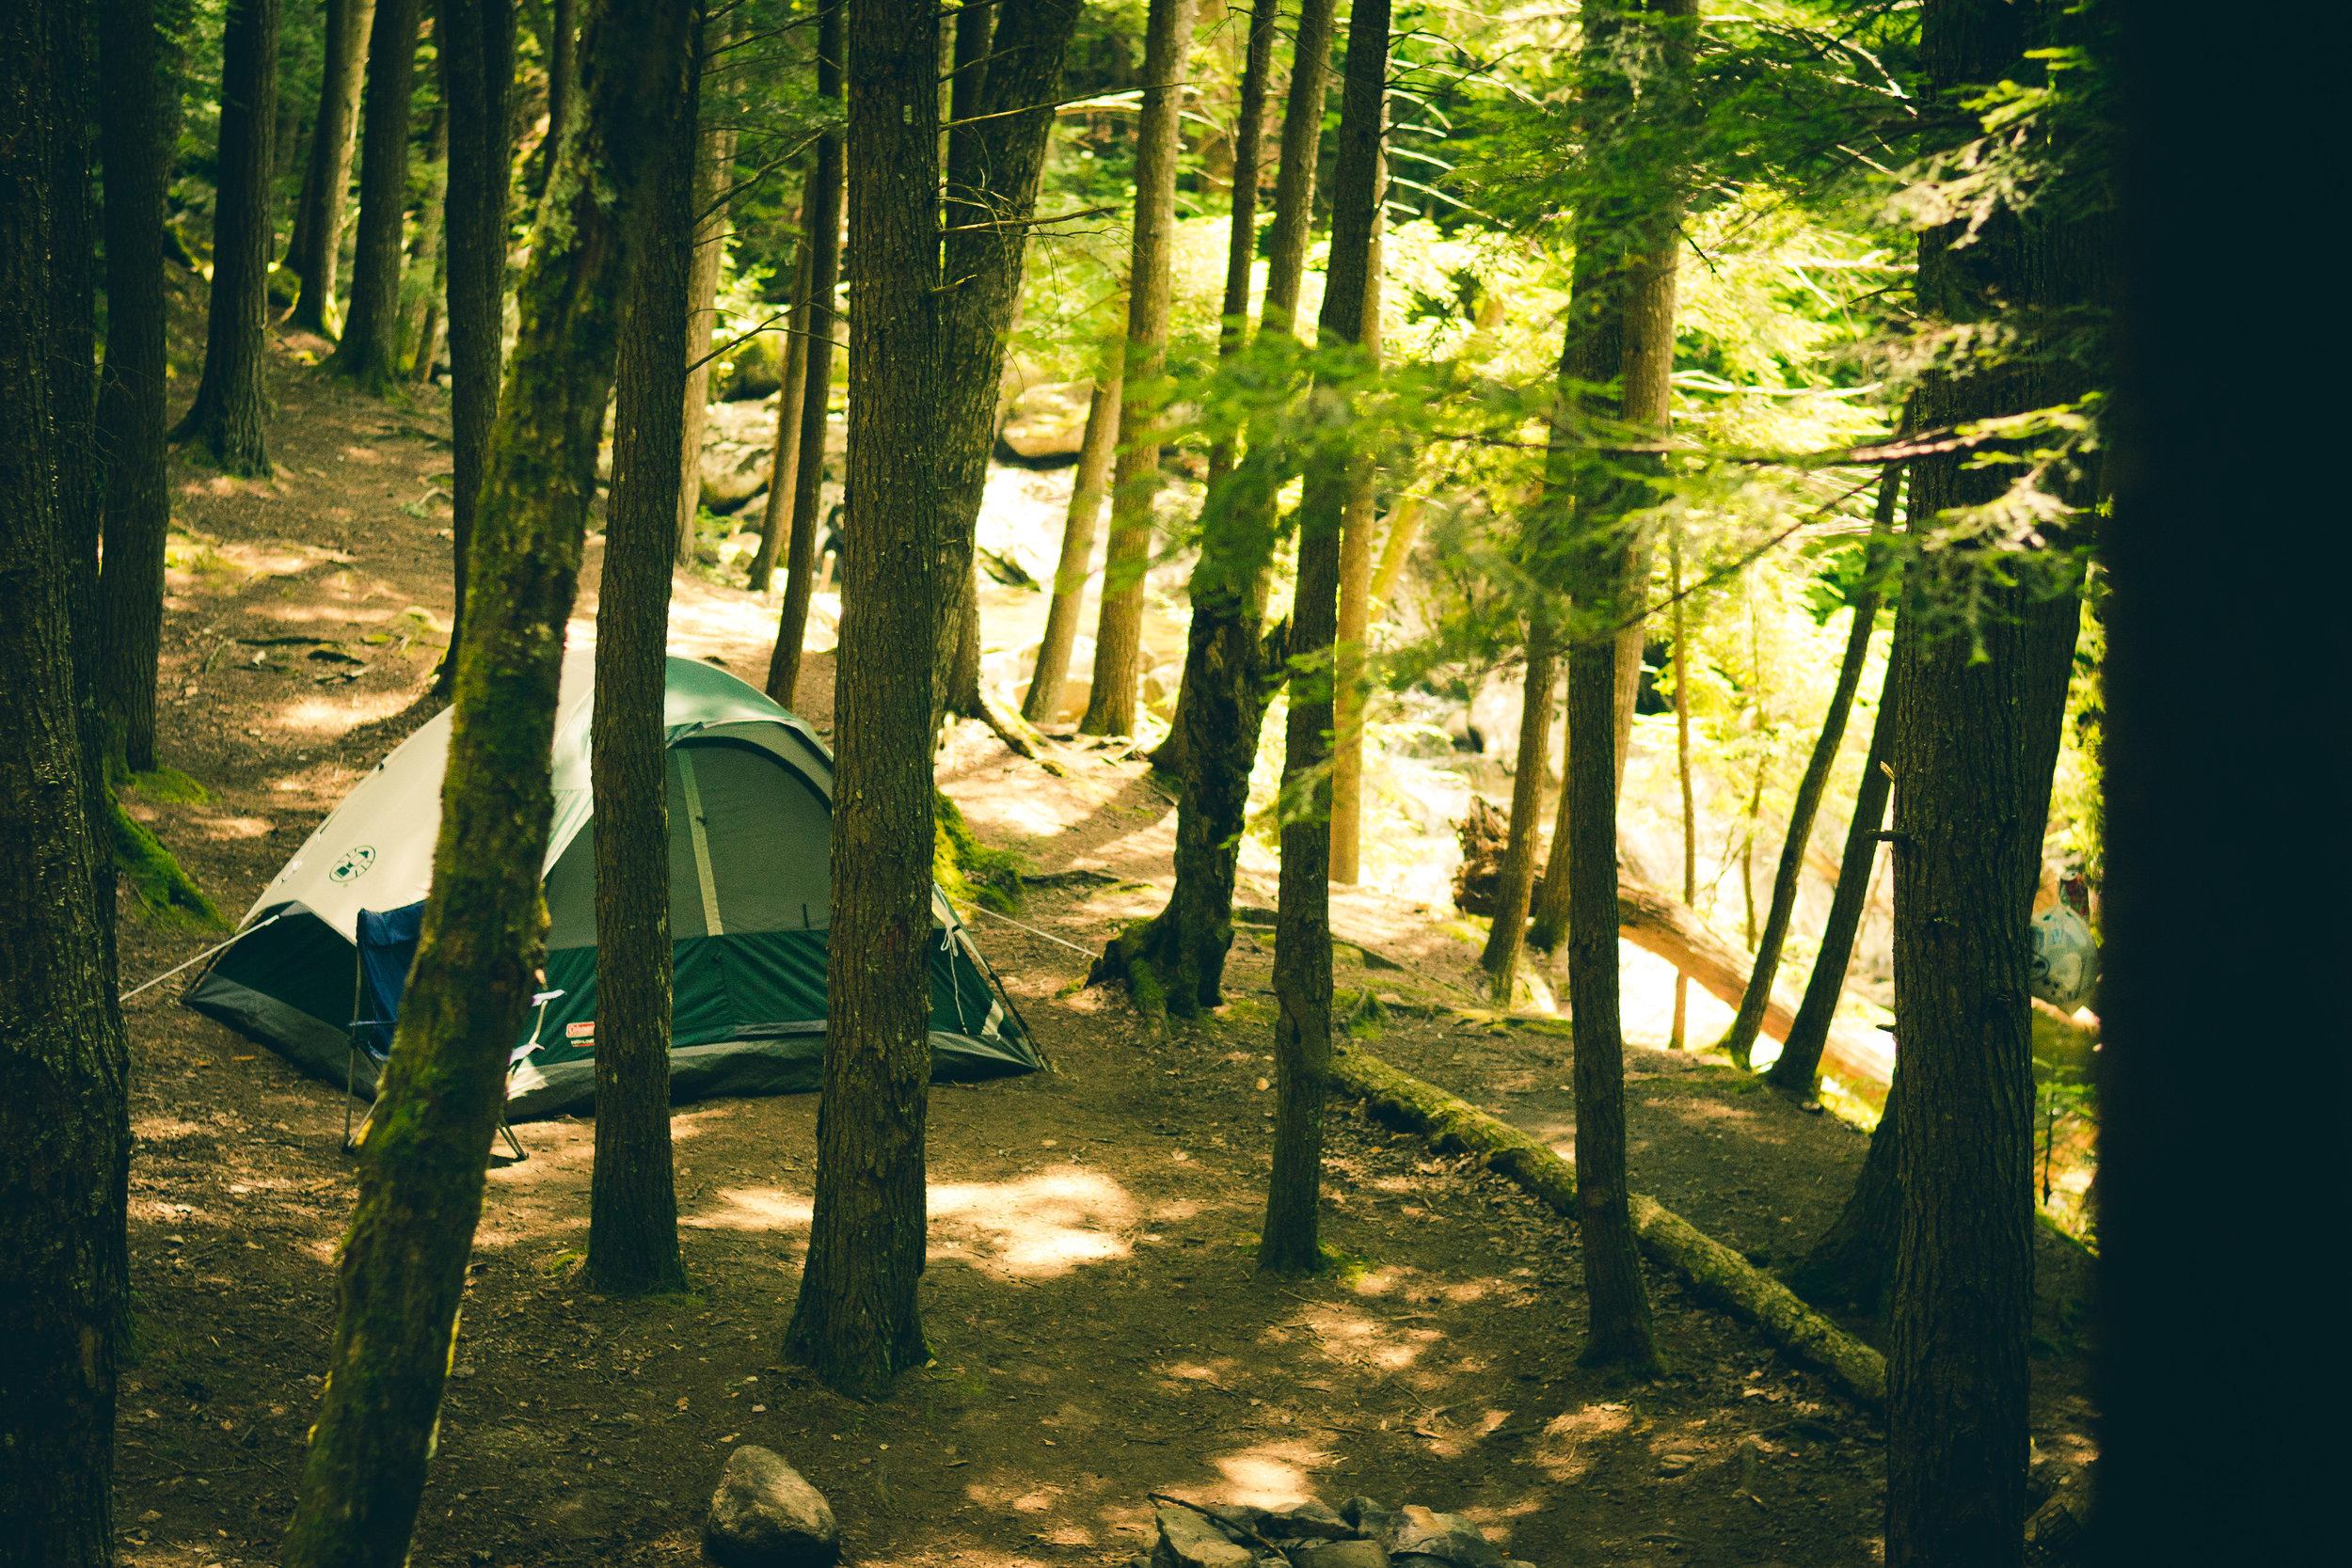 light-forest-trees-morning.jpg